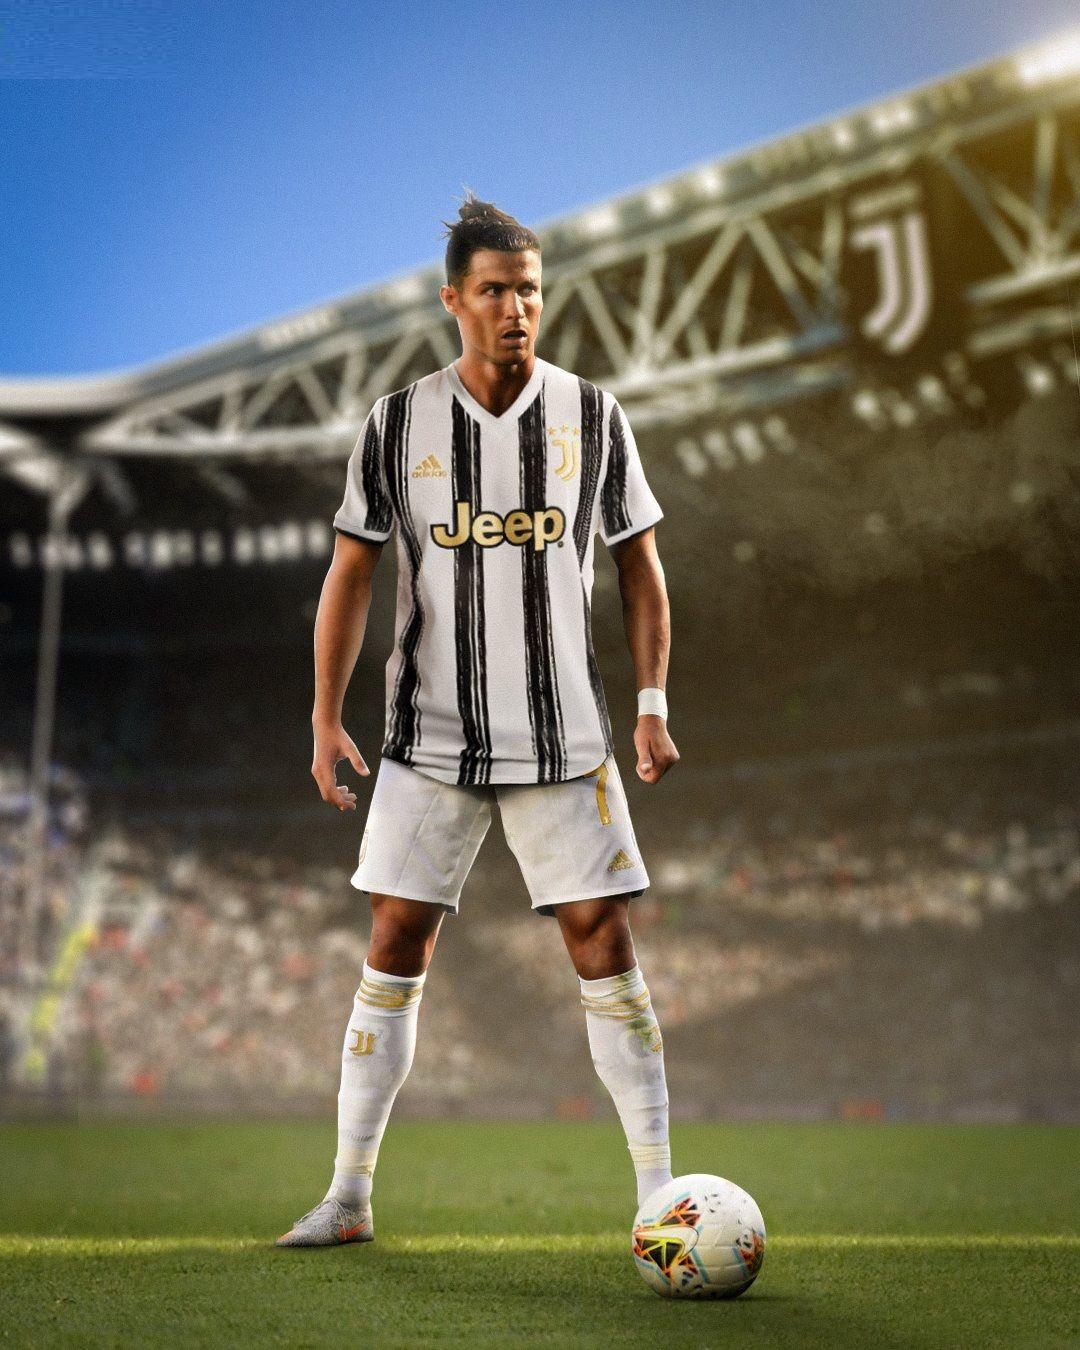 Cr7 Juventus 2020 2021 Cristiano Ronaldo 7 Christiano Ronaldo Ronaldo